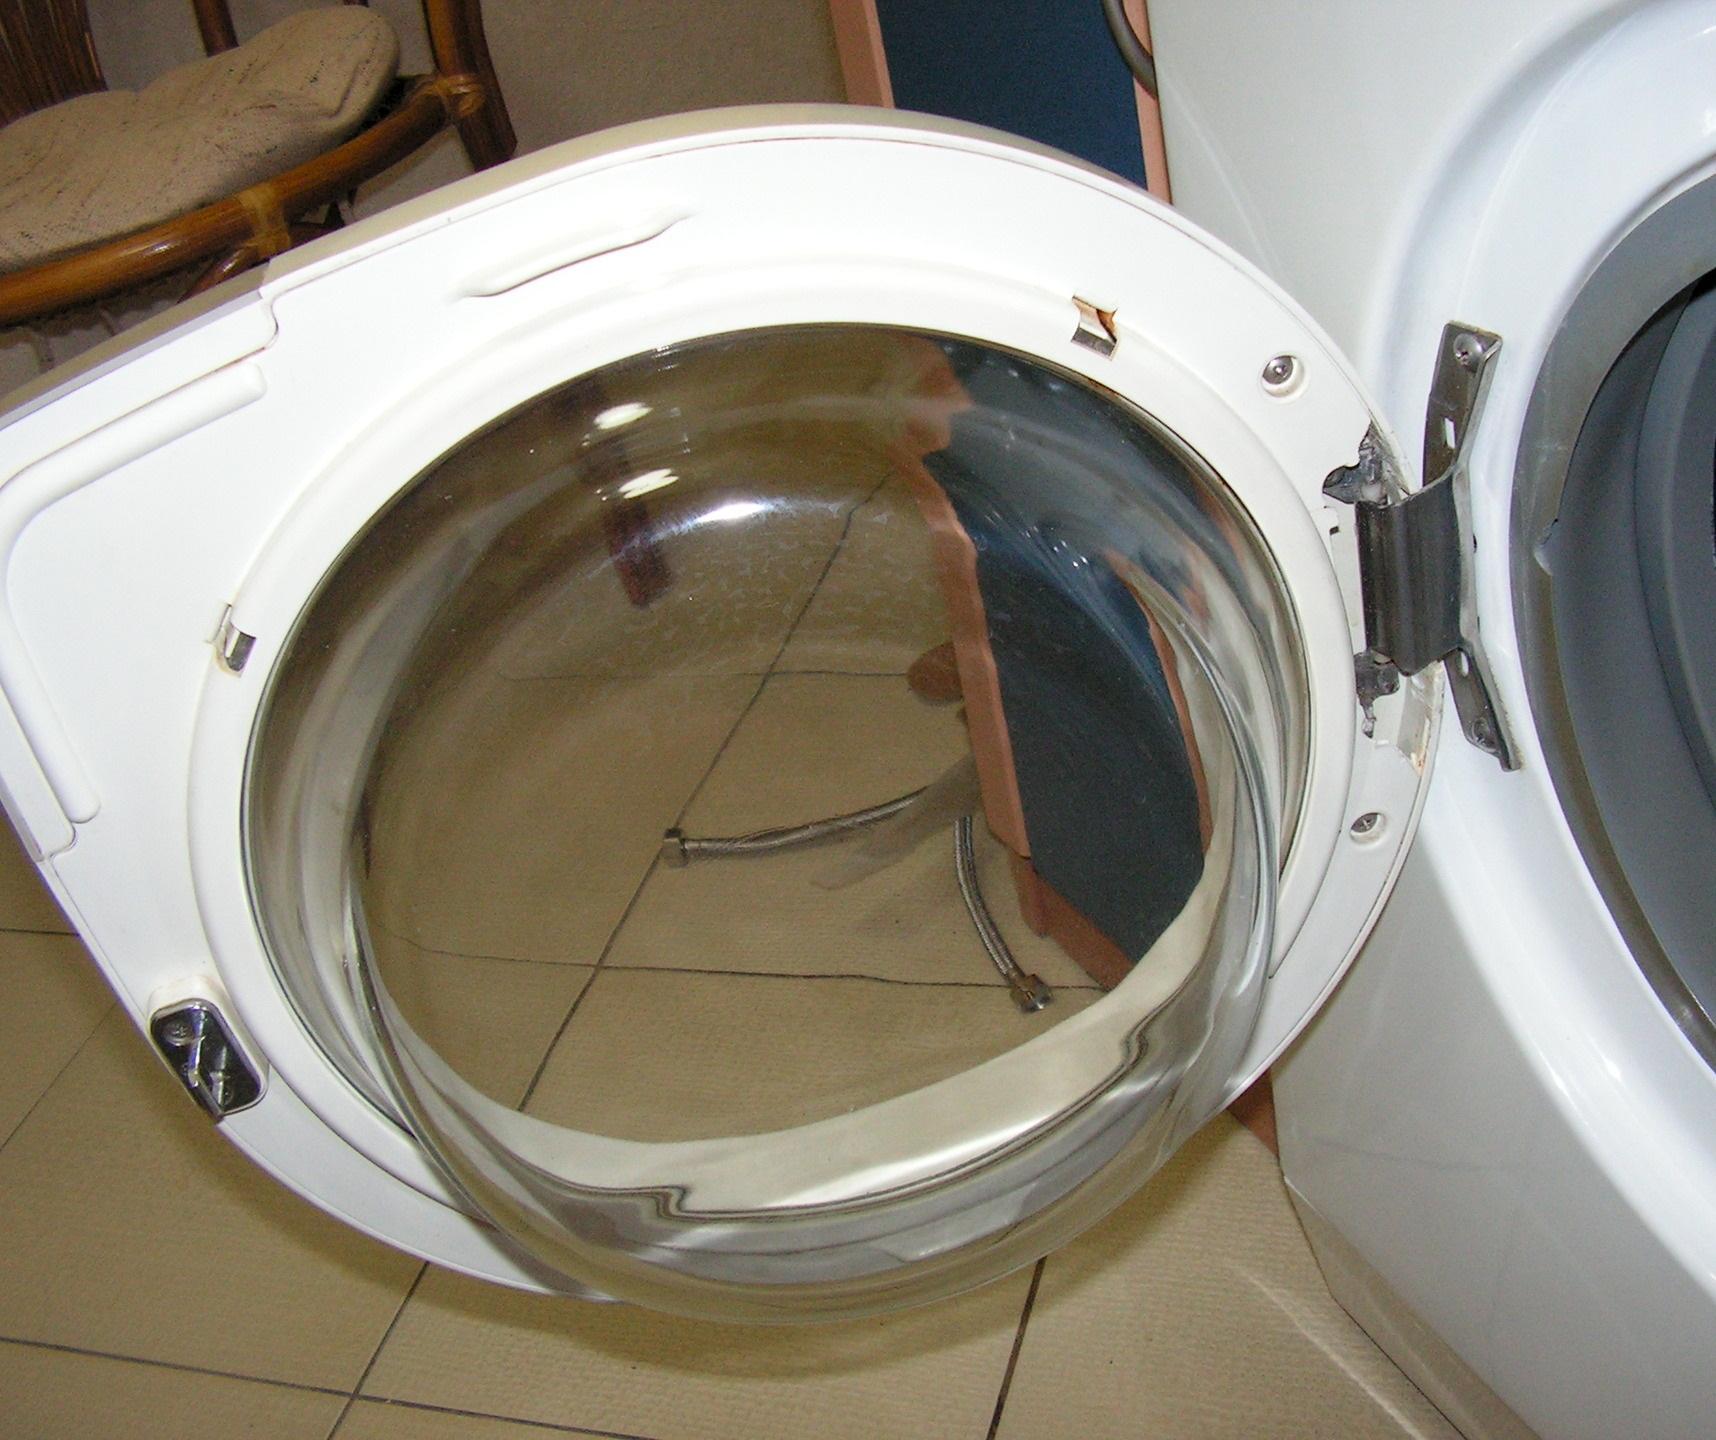 Утилизация старых стиральных машин автомат: способы, пункты приема